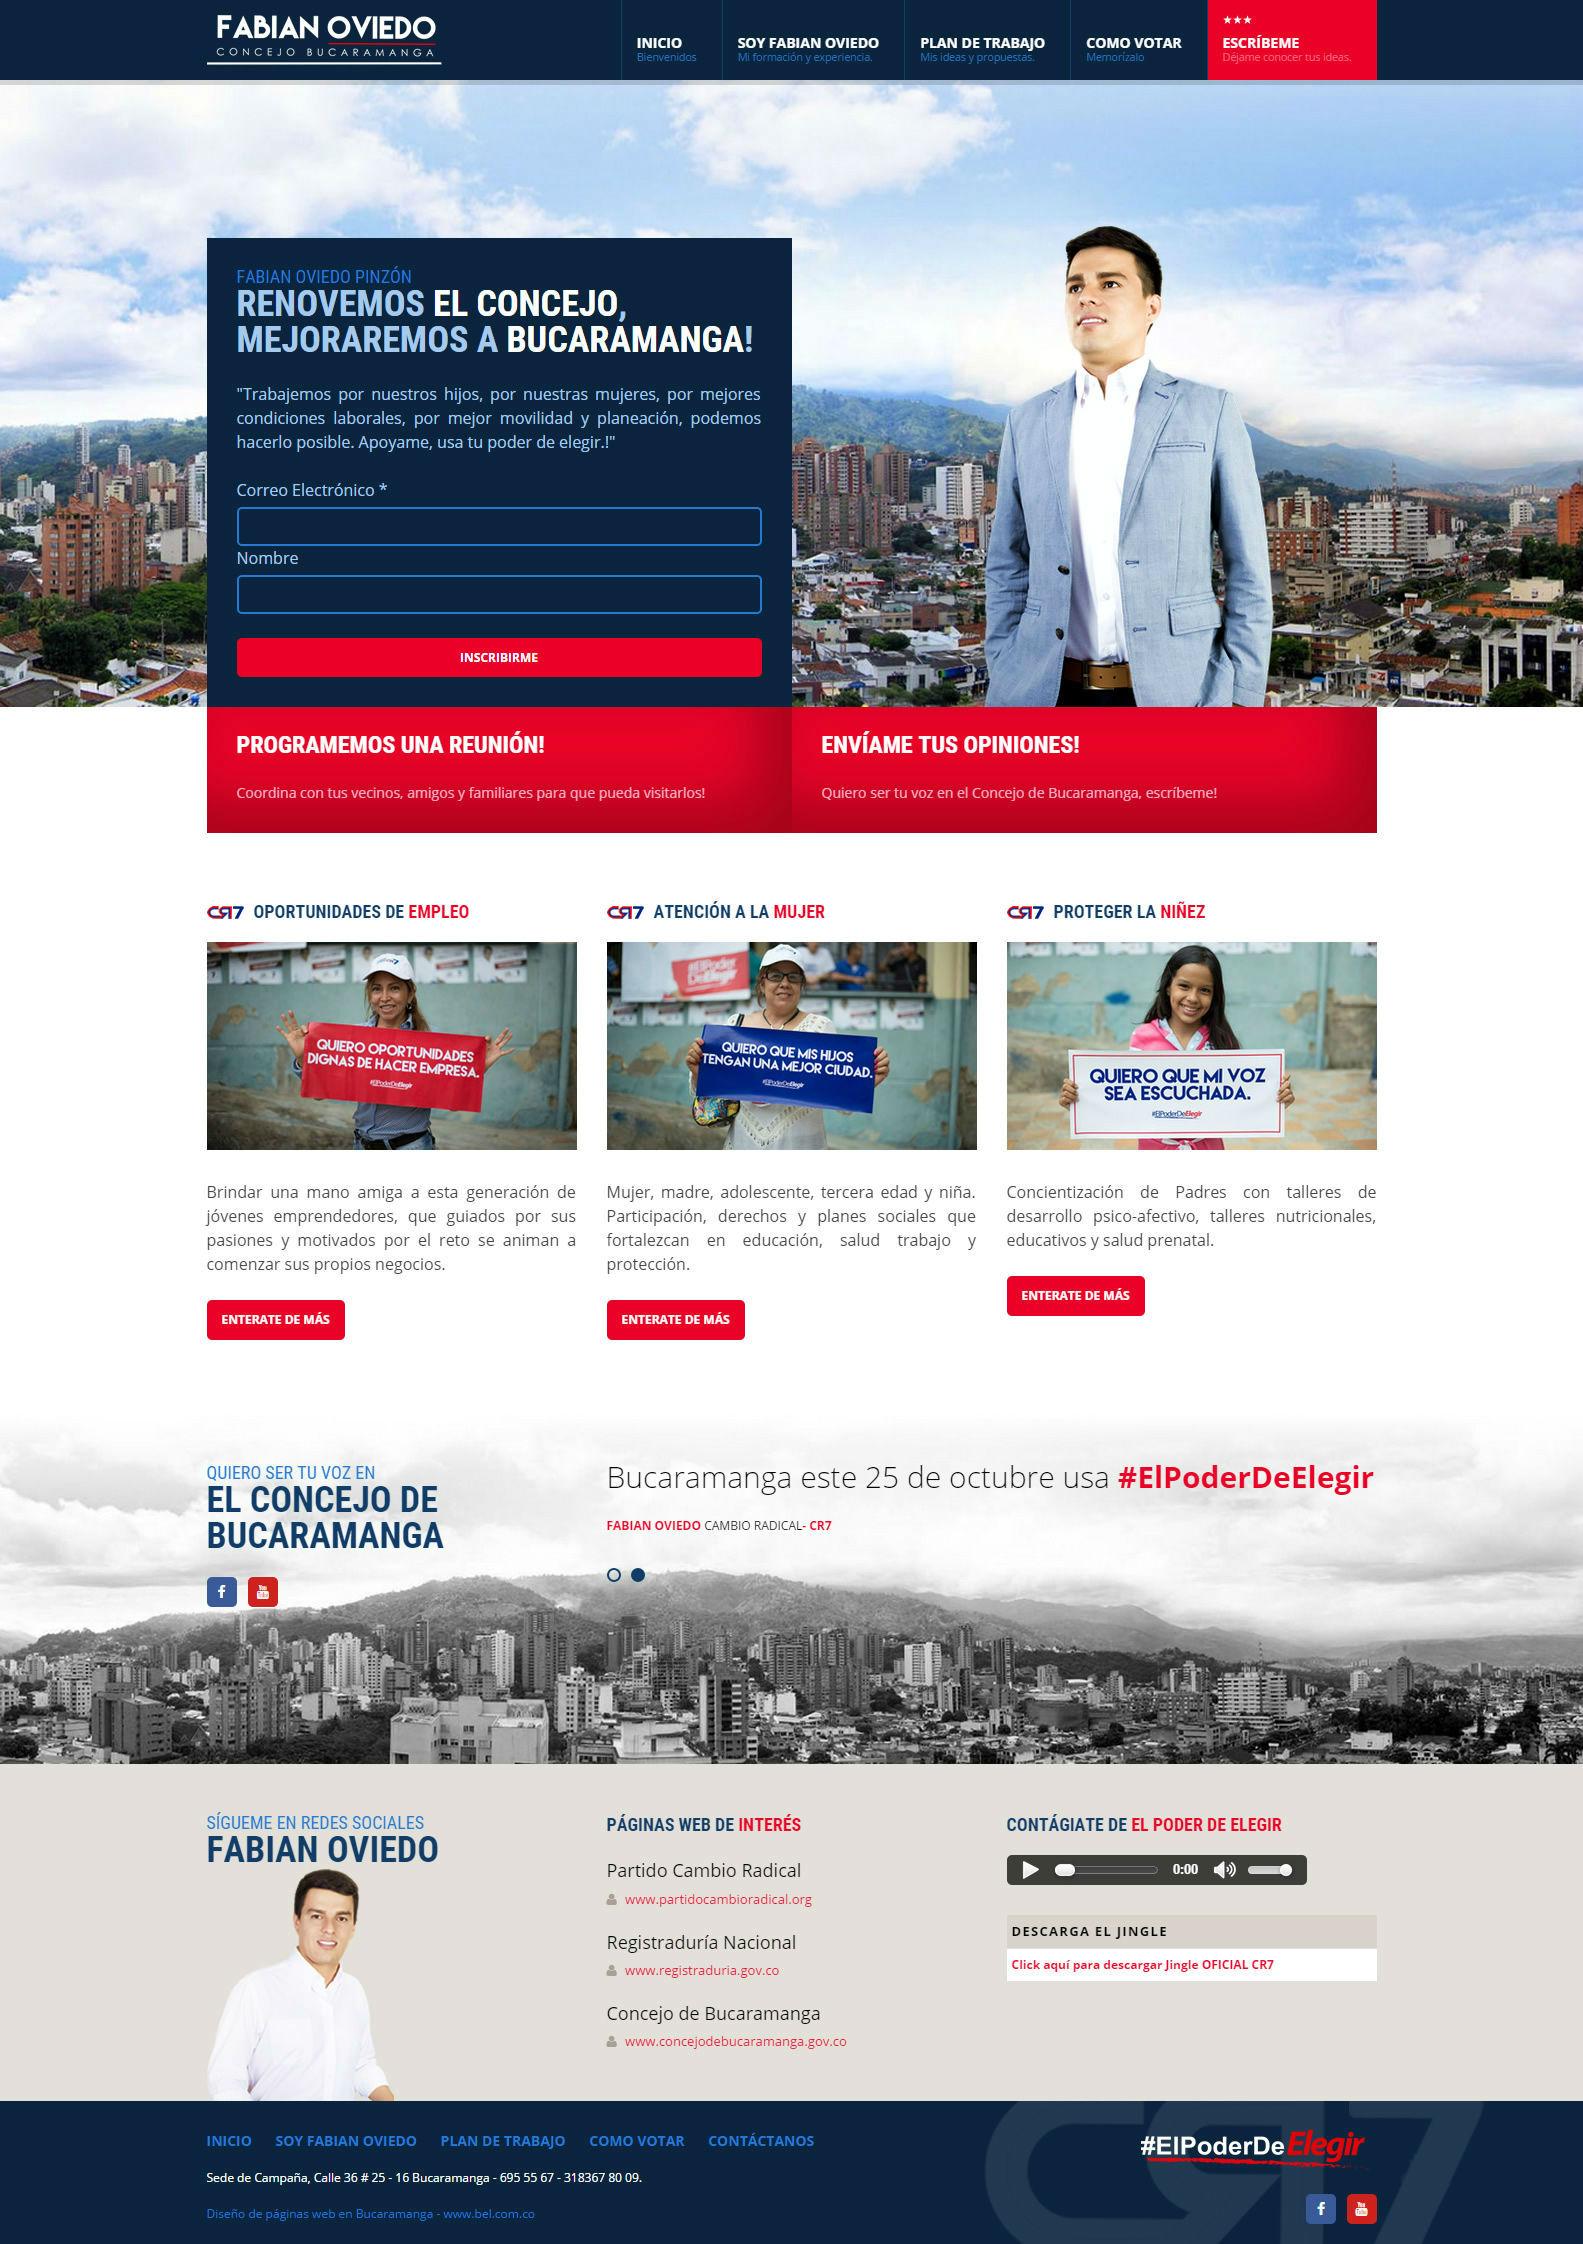 5a4d4978190f Empresa de Diseño de Páginas Web en Colombia . BEL - Business En Línea